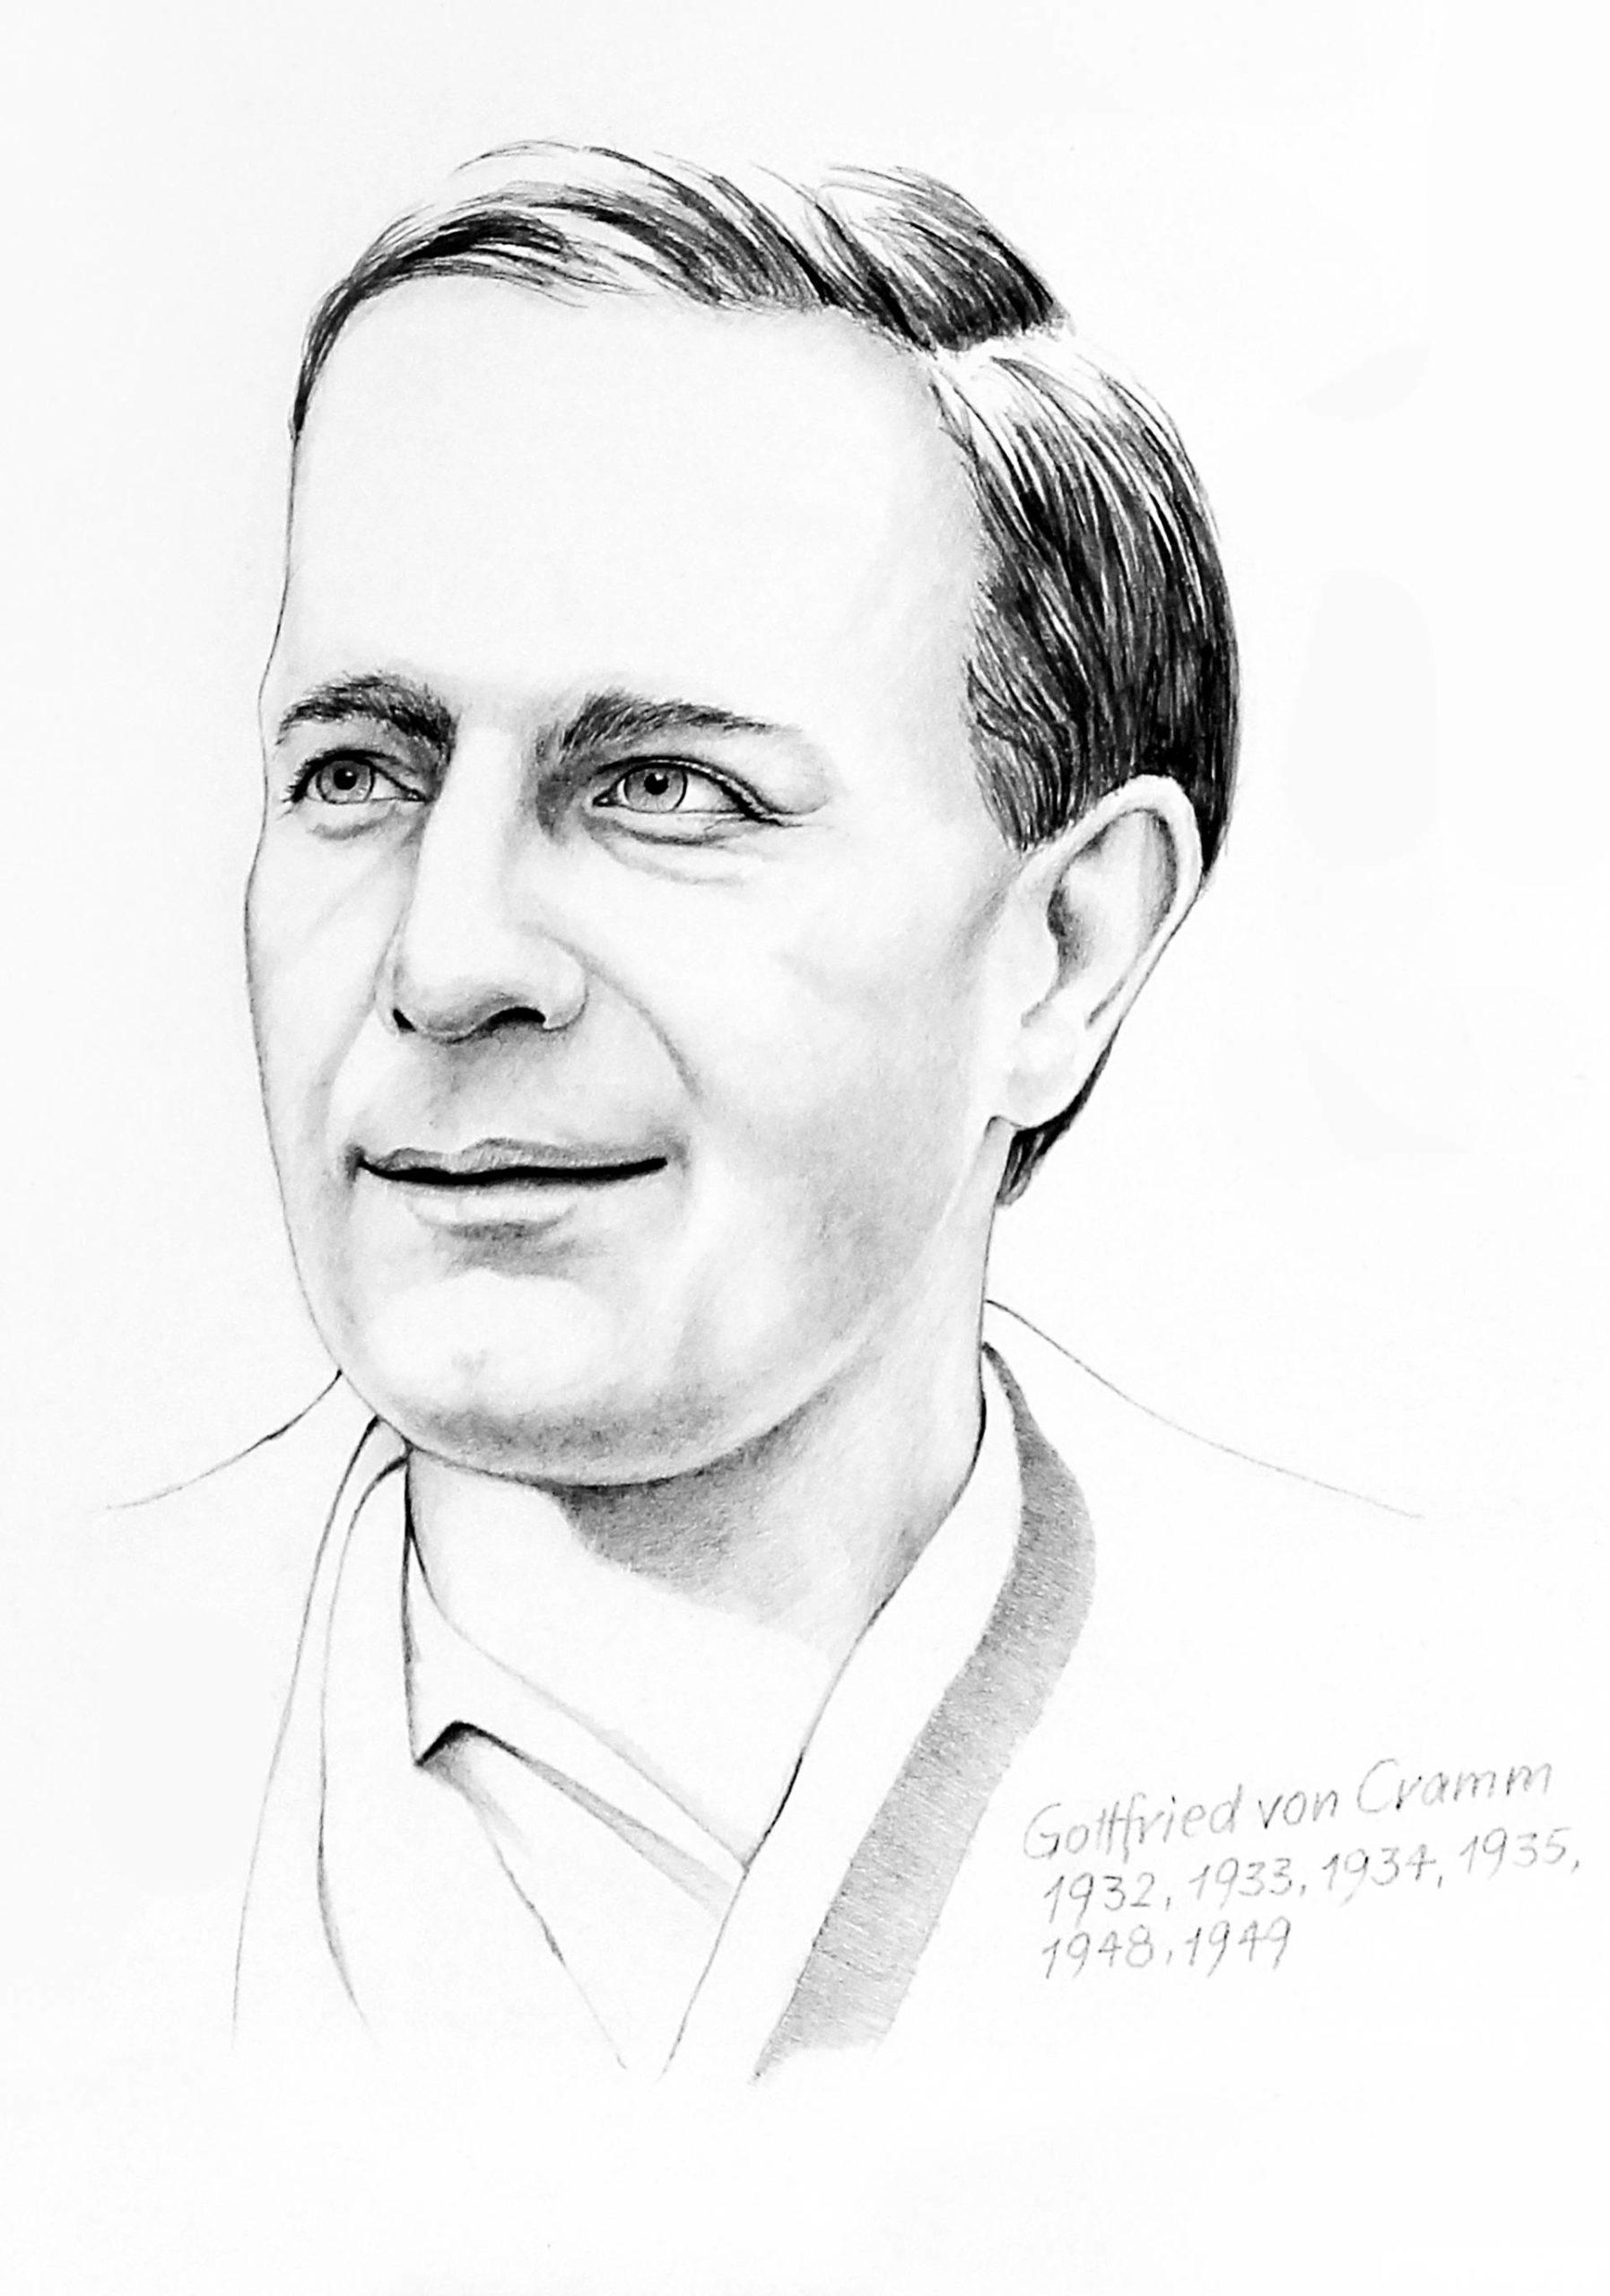 Gottfried von Cramm